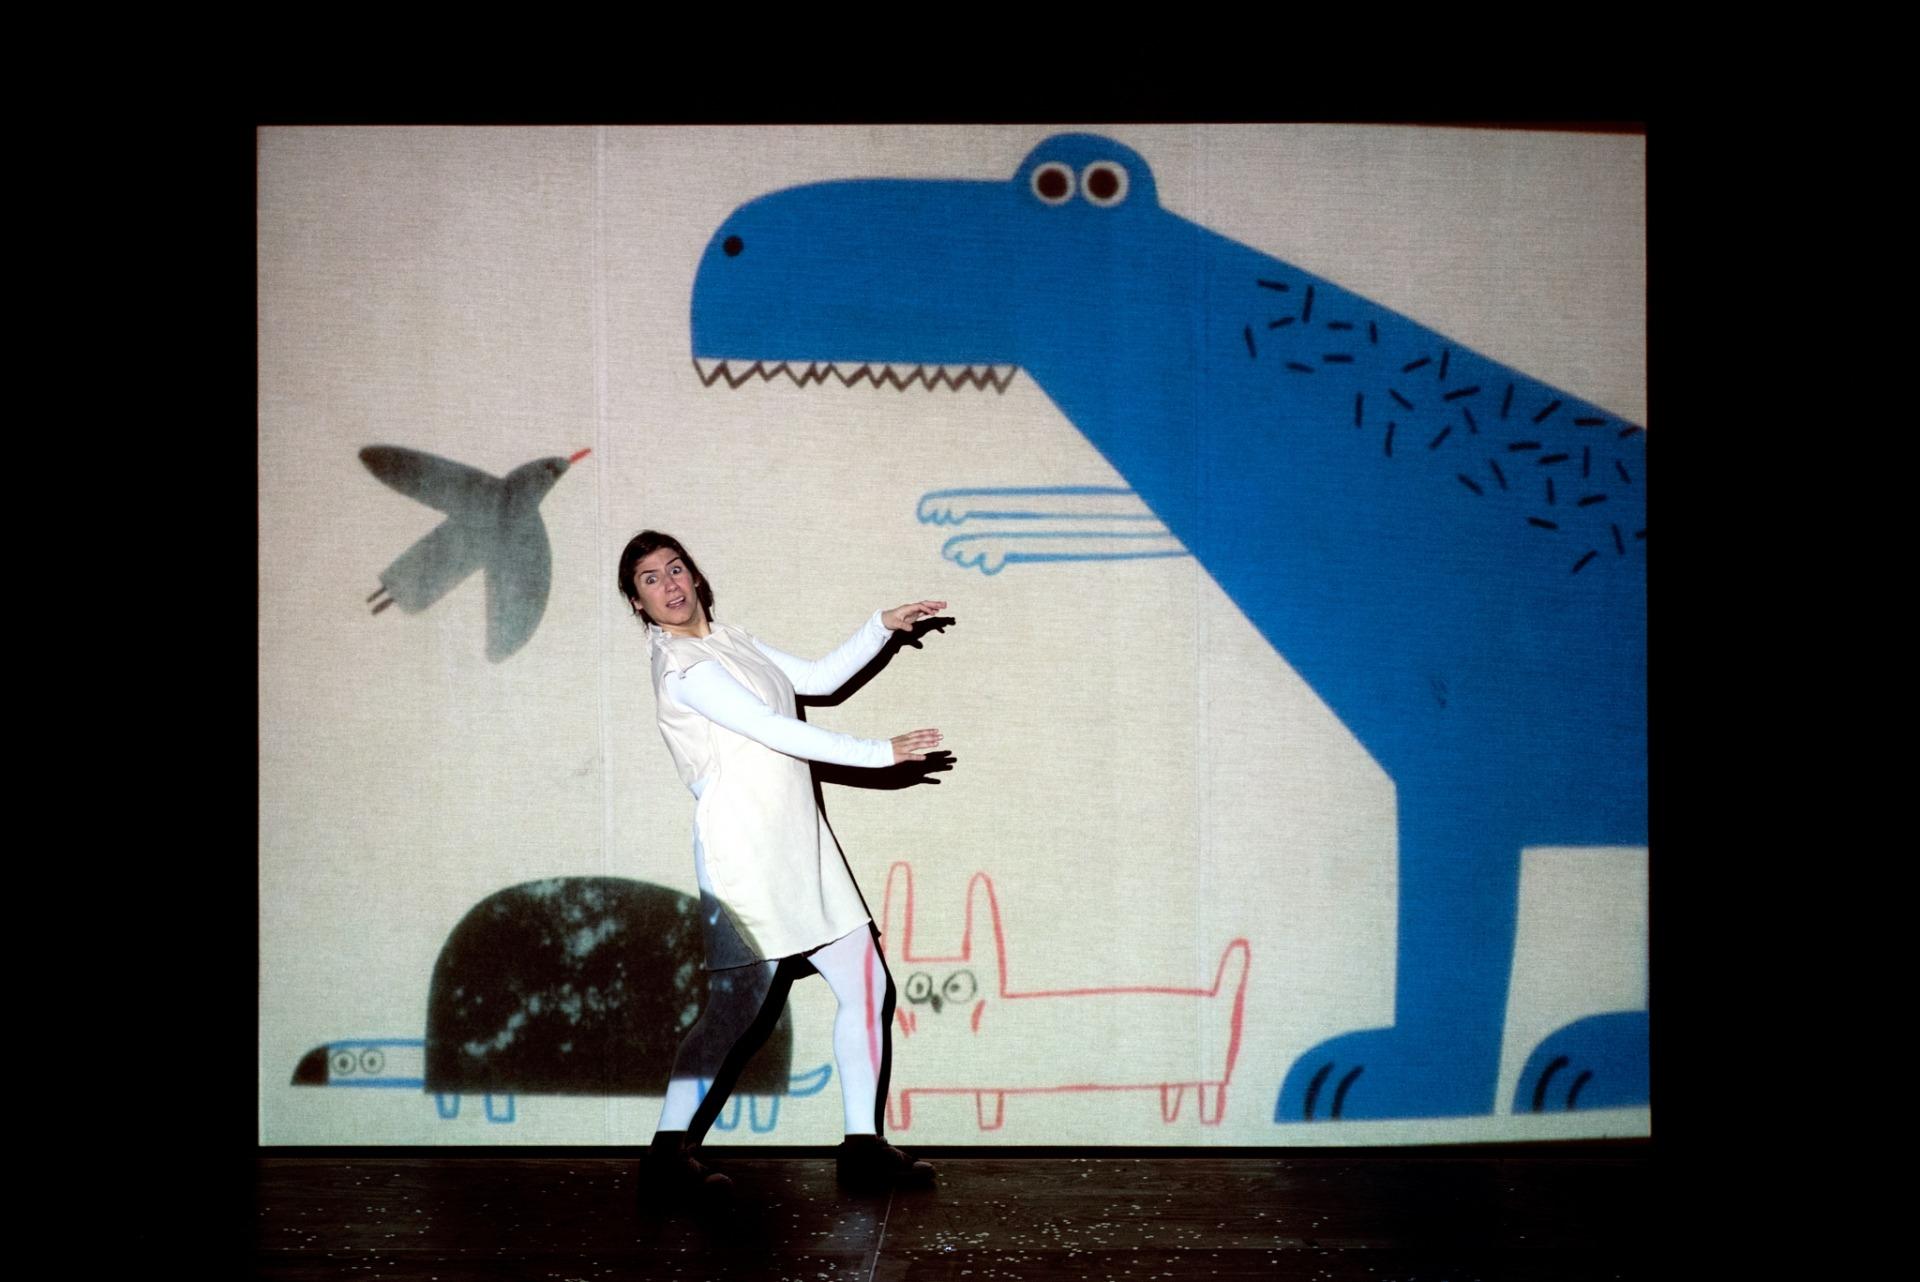 A atriz Madalena Marques interage com o desenho projetado de um dinossáurio.